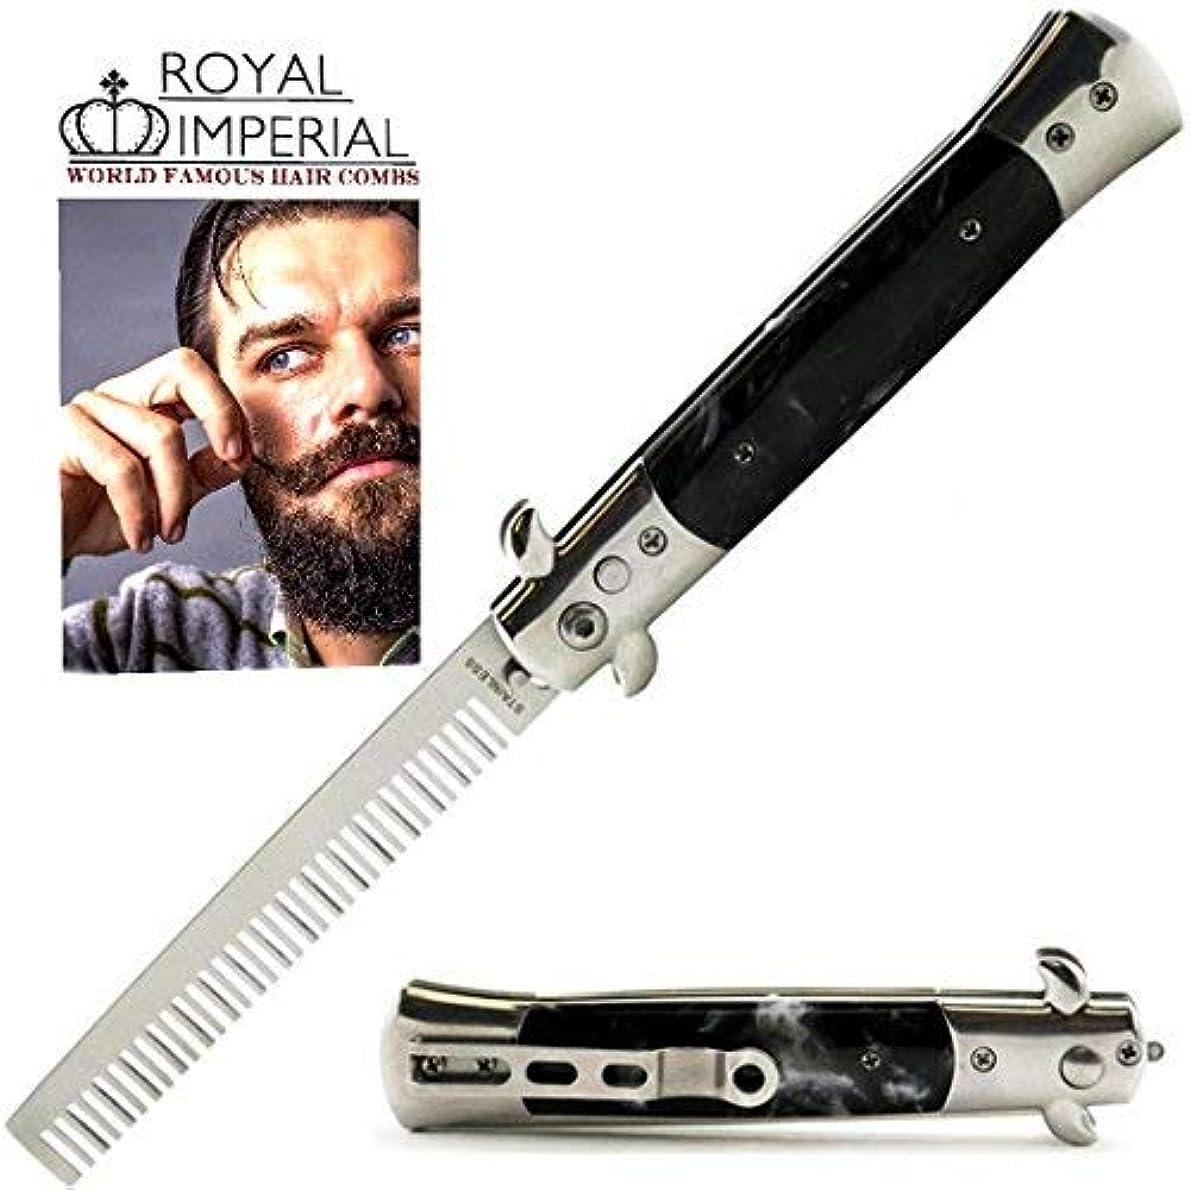 フォーク軍団バッフルRoyal Imperial Metal Switchblade Pocket Folding Flick Hair Comb For Beard, Mustache, Head Black Pearl Handle ~...